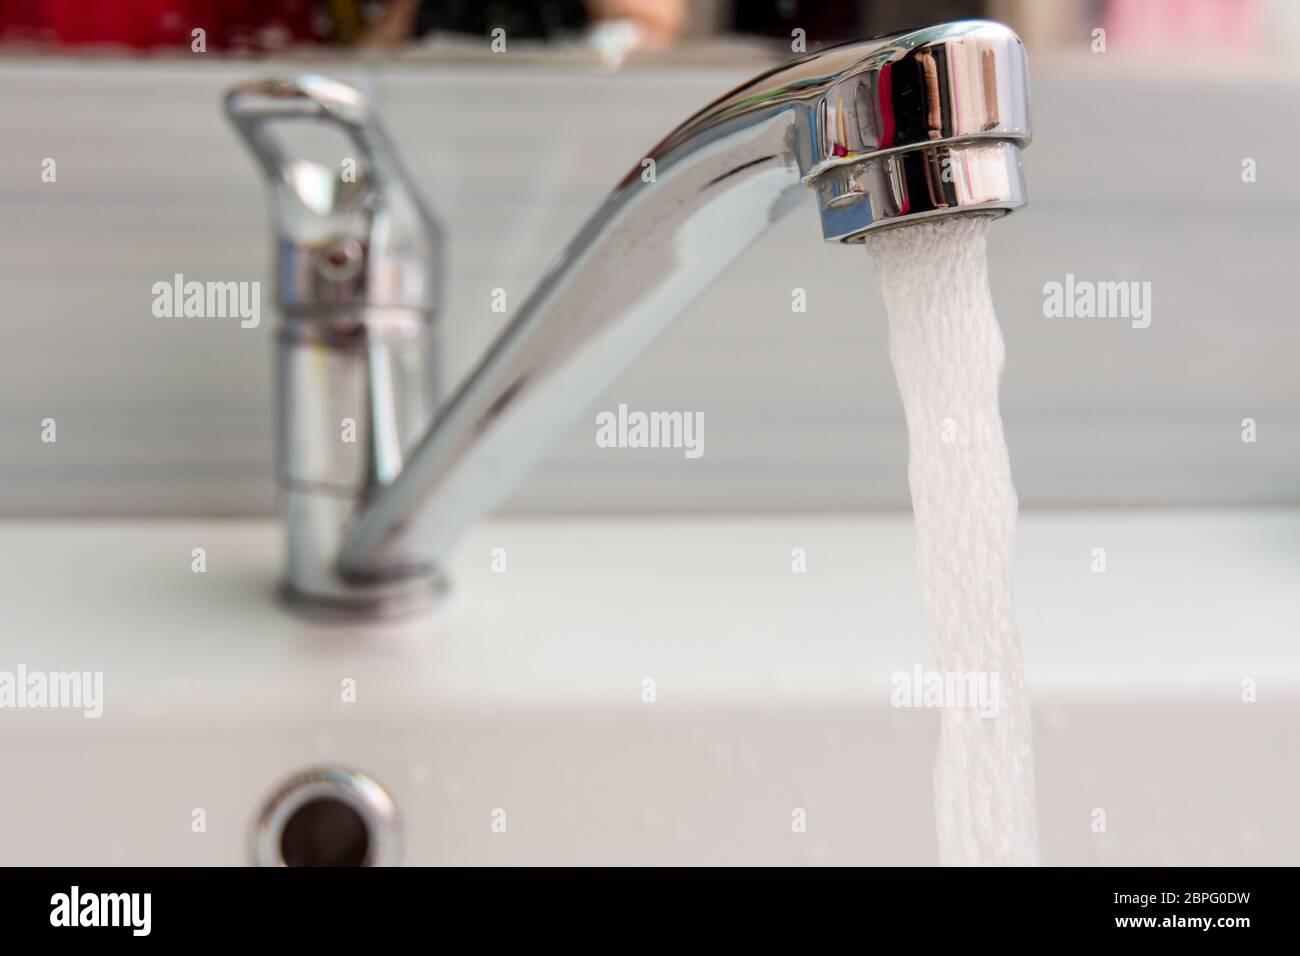 El agua fluye más presión desde el mezclador en el baño Foto de stock